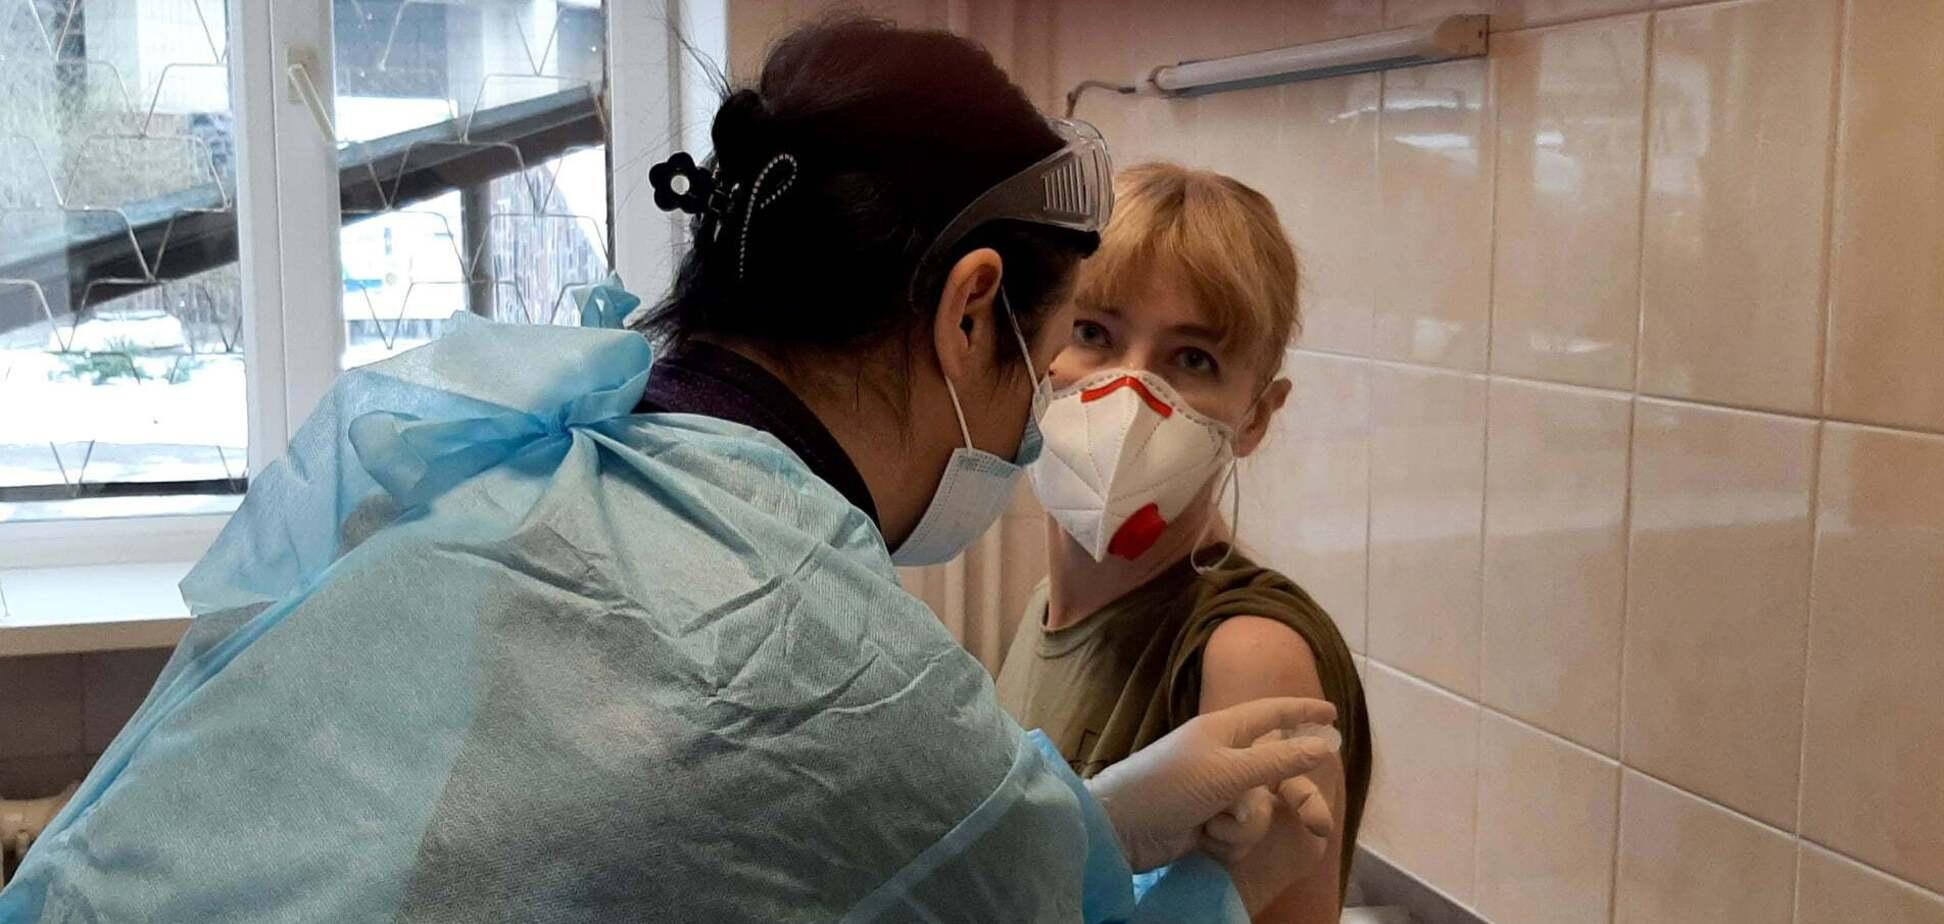 Ветеранка АТО – про вакцинацію проти коронавірусу: автоматично другу дозу ніхто не дасть, доведеться шукати